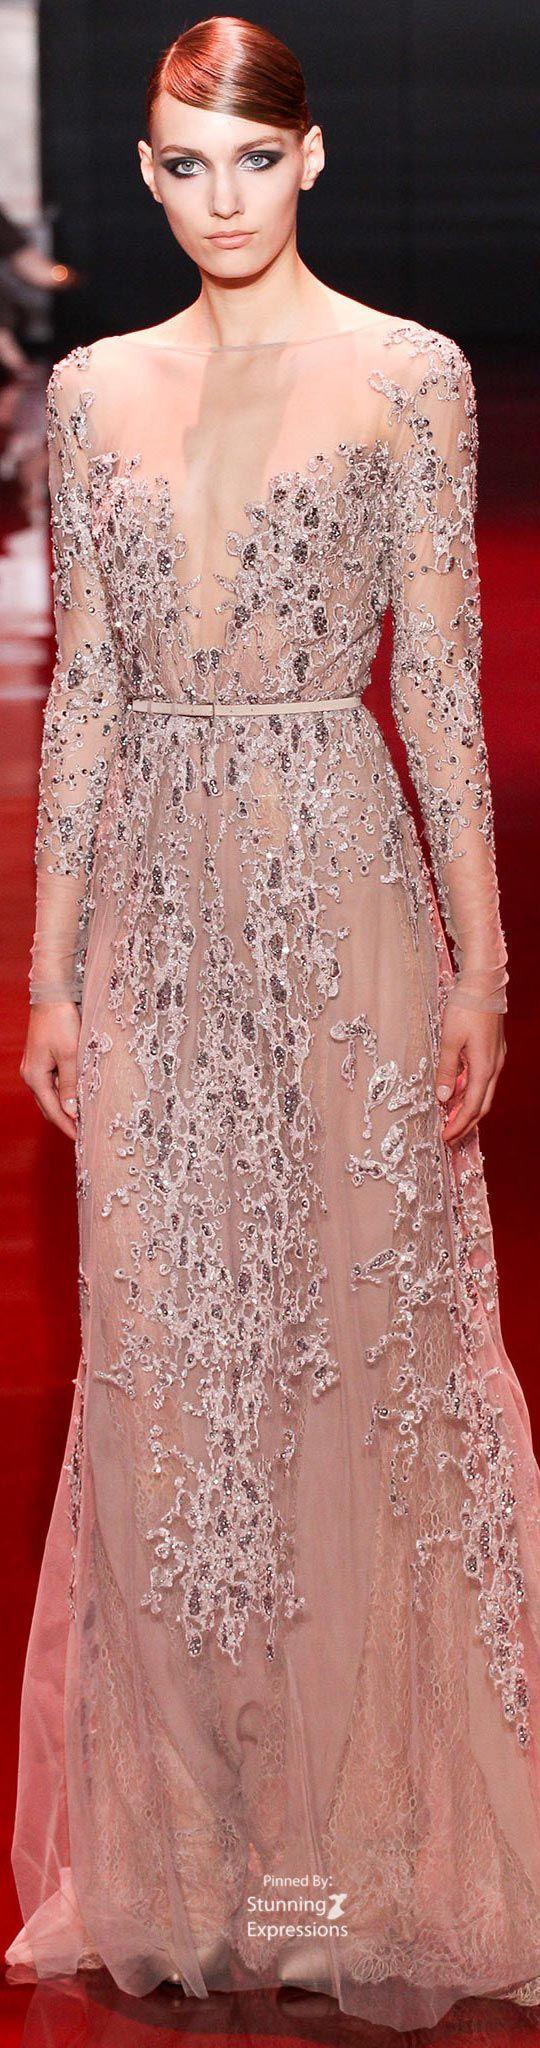 Asombroso Vestidos De Dama De Melocotón Rubor Inspiración ...